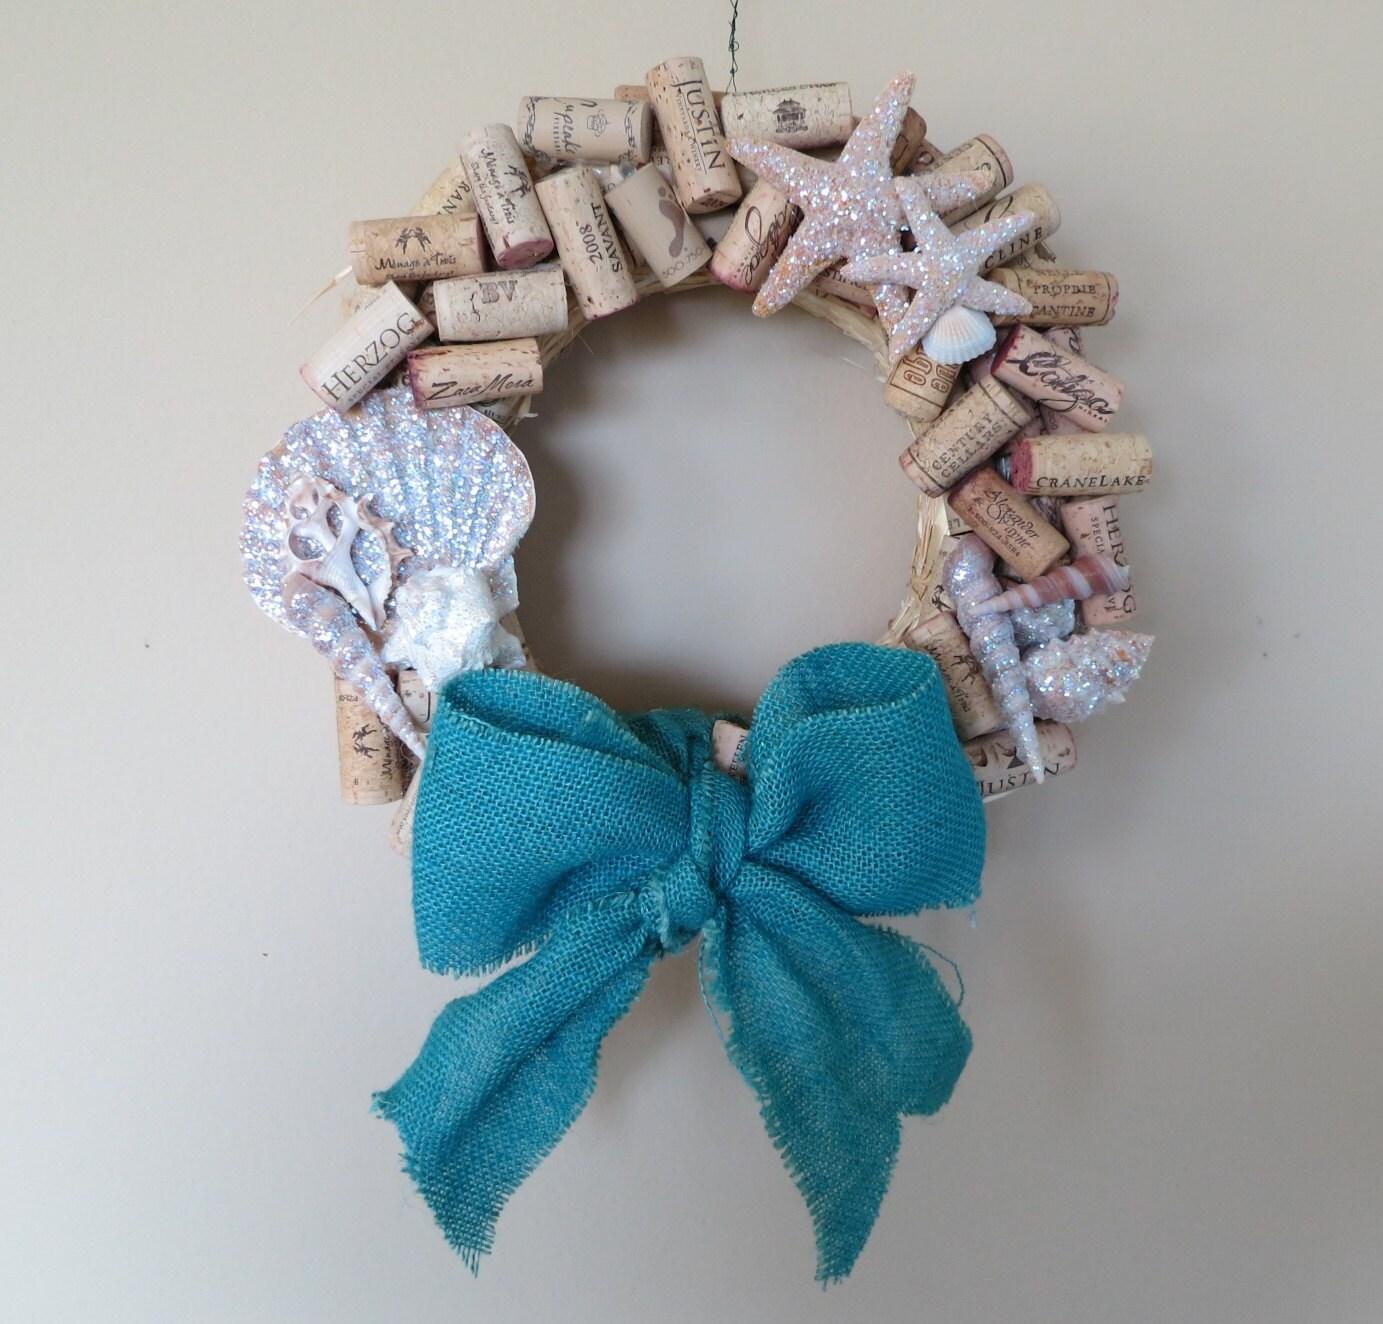 Ocean Beach Themed Christmas Cork Wreath With Burlap Bow